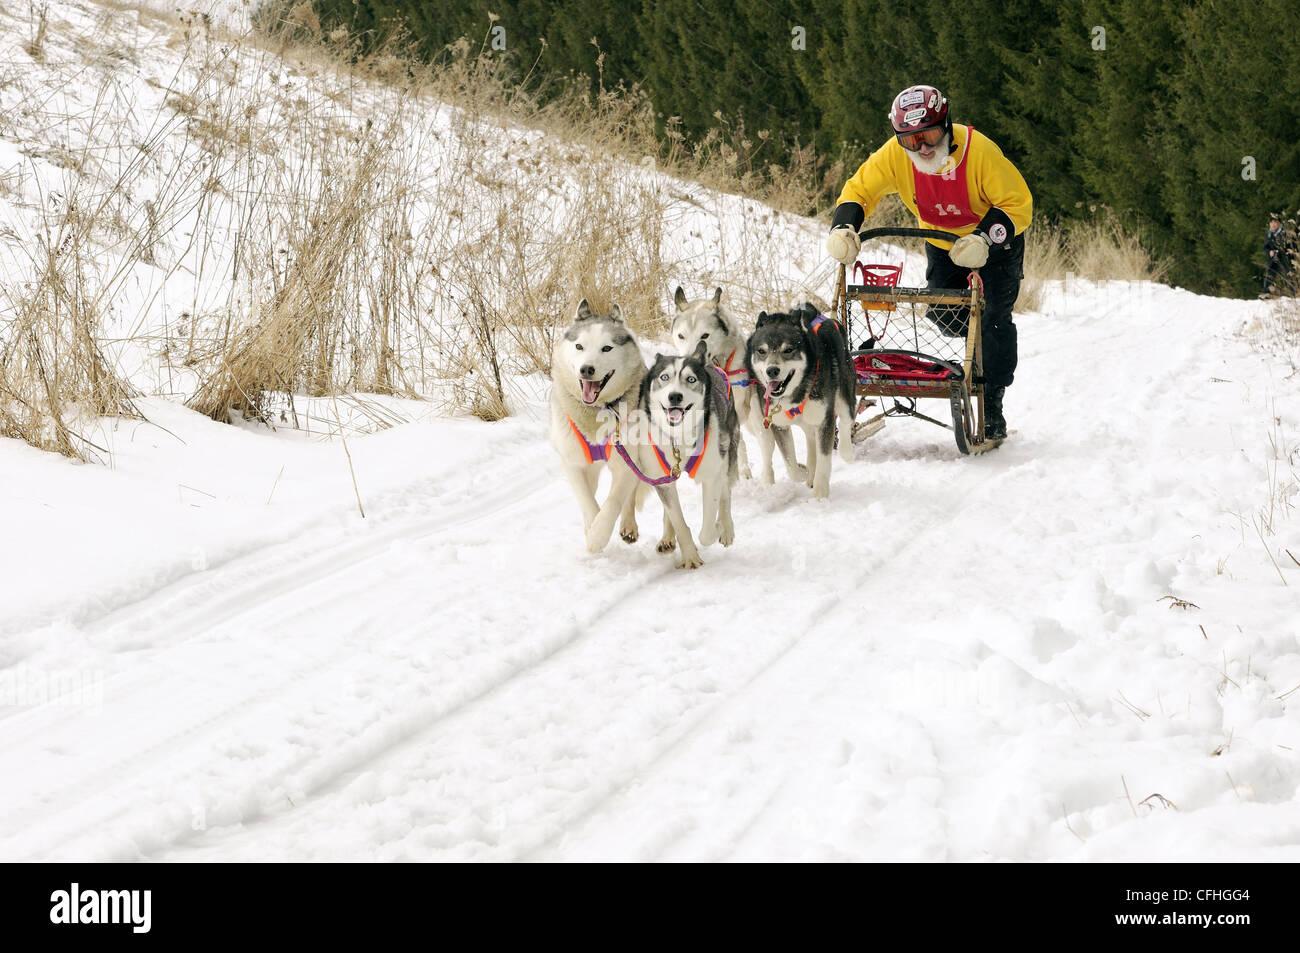 Dog sled race - Stock Image